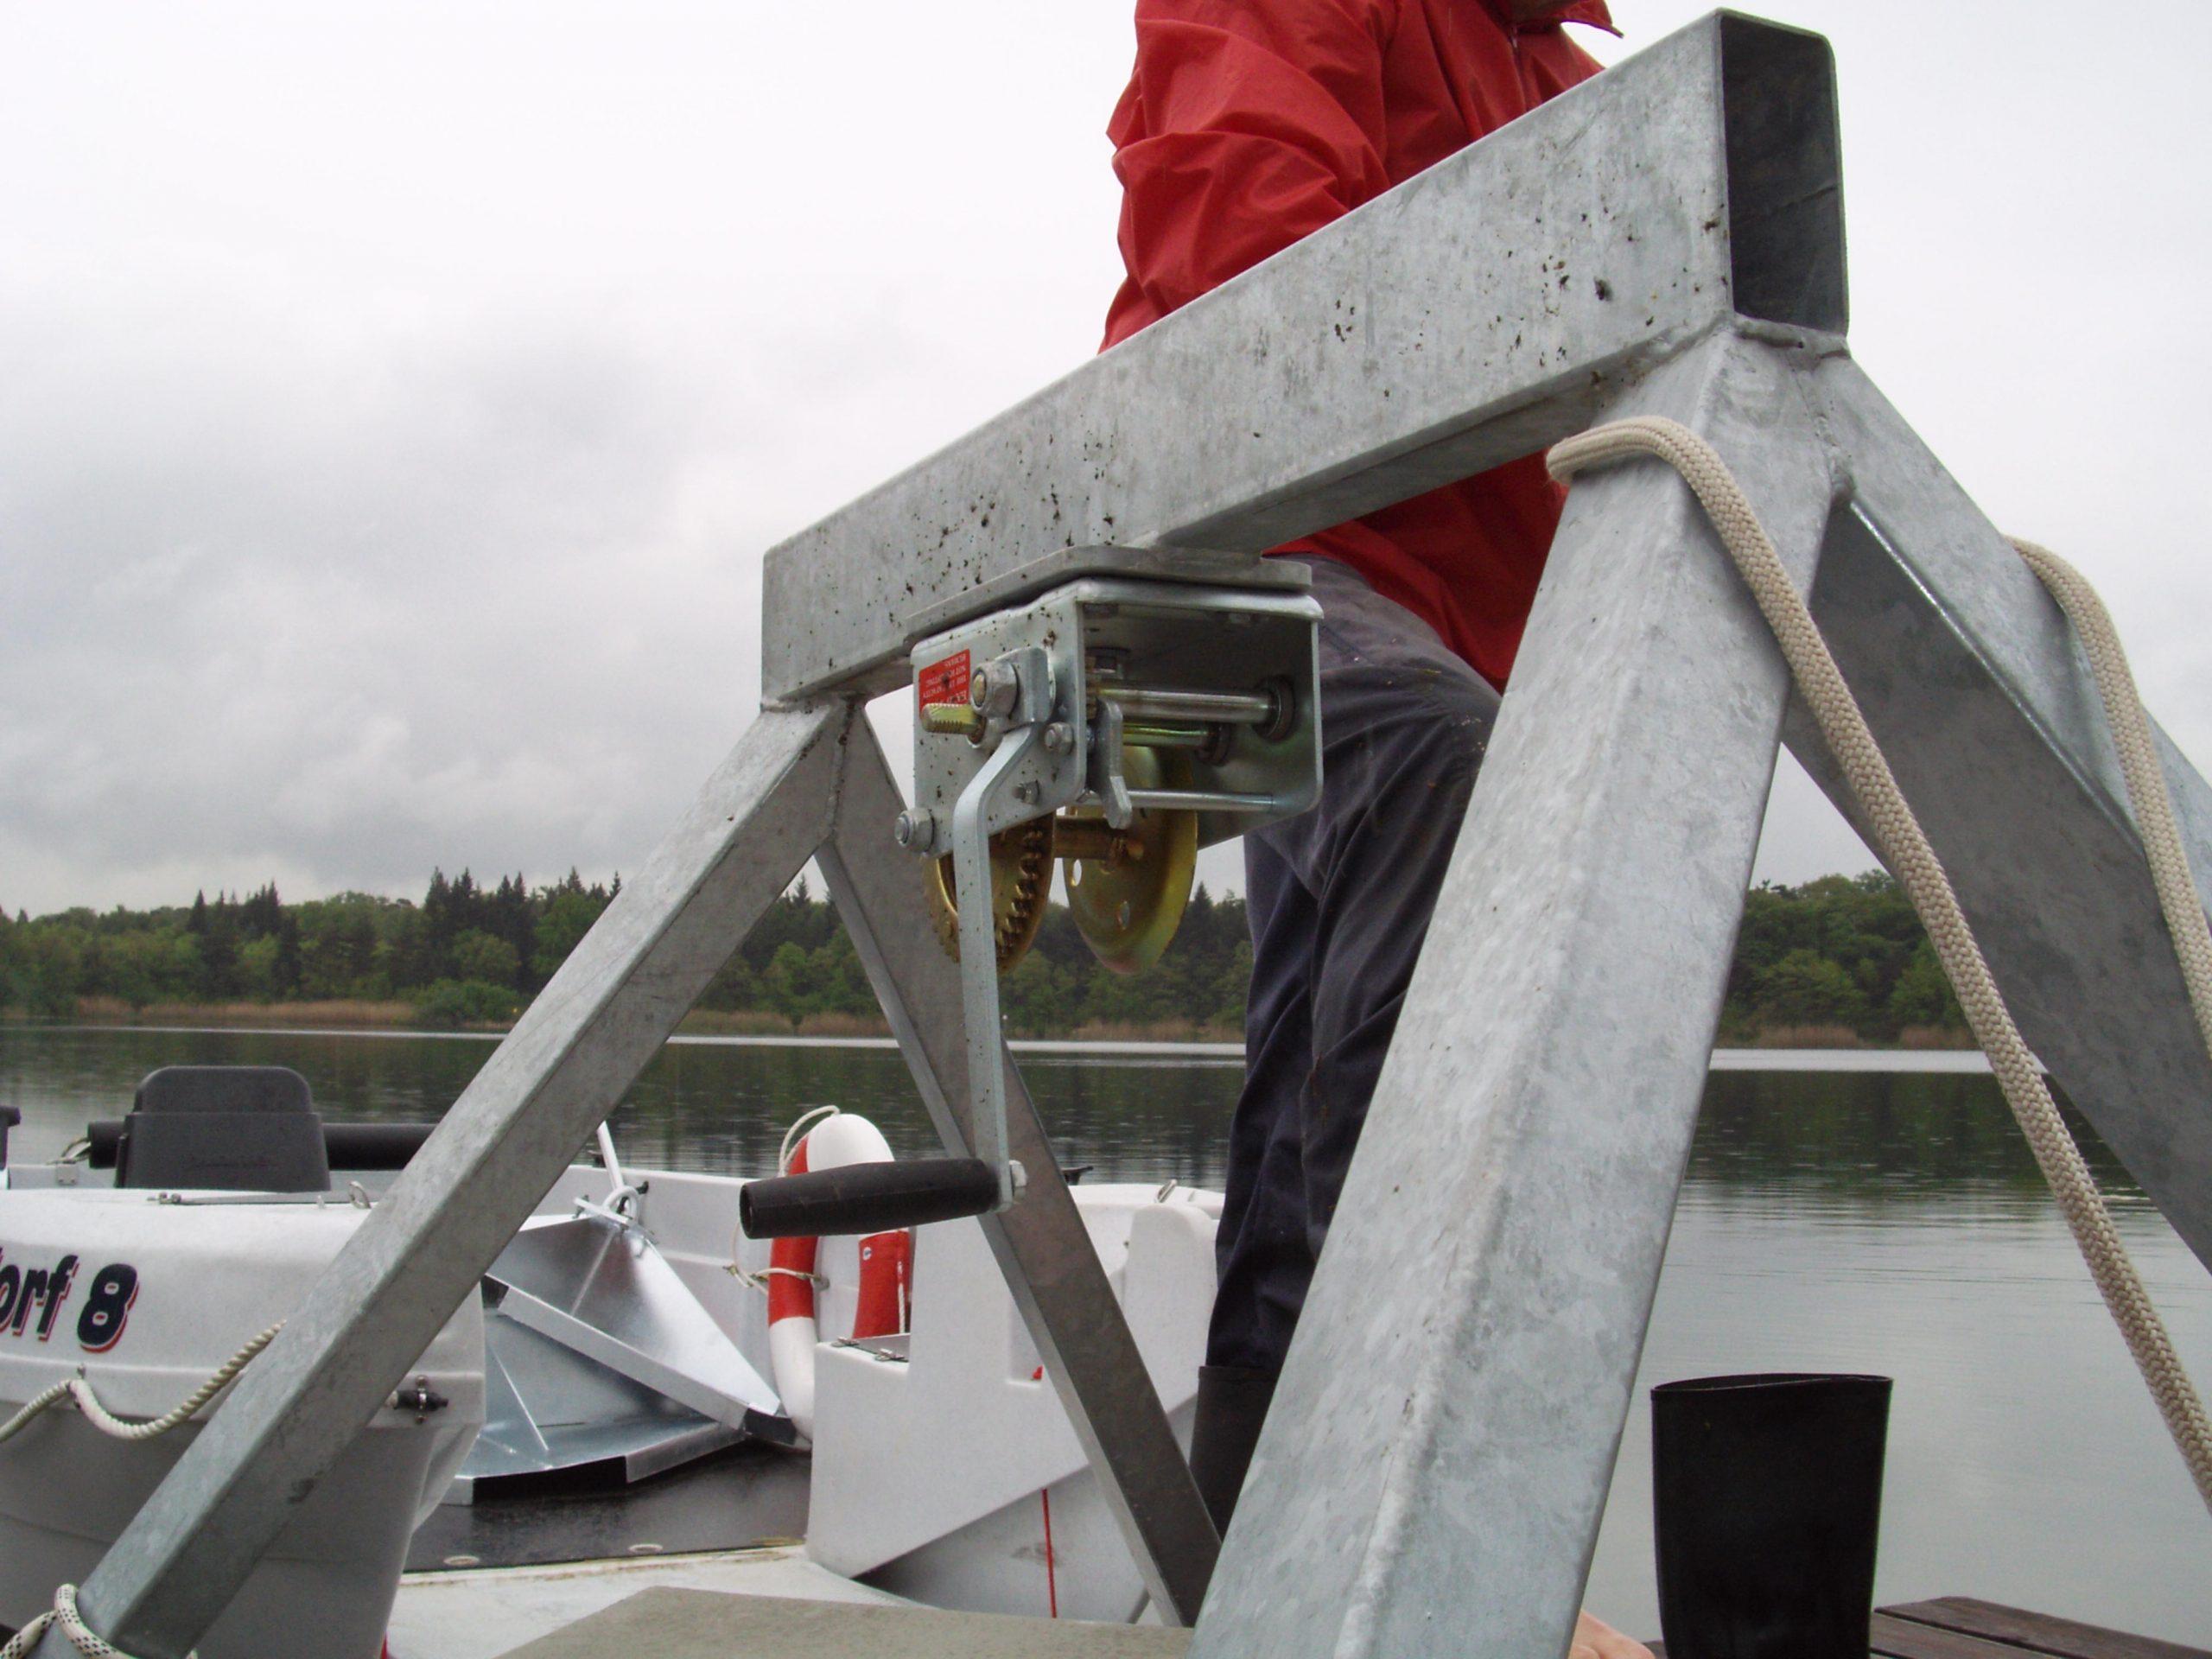 Eine Detailaufnahme der Stahlkonstruktion zum befestigen von Ankersteinen